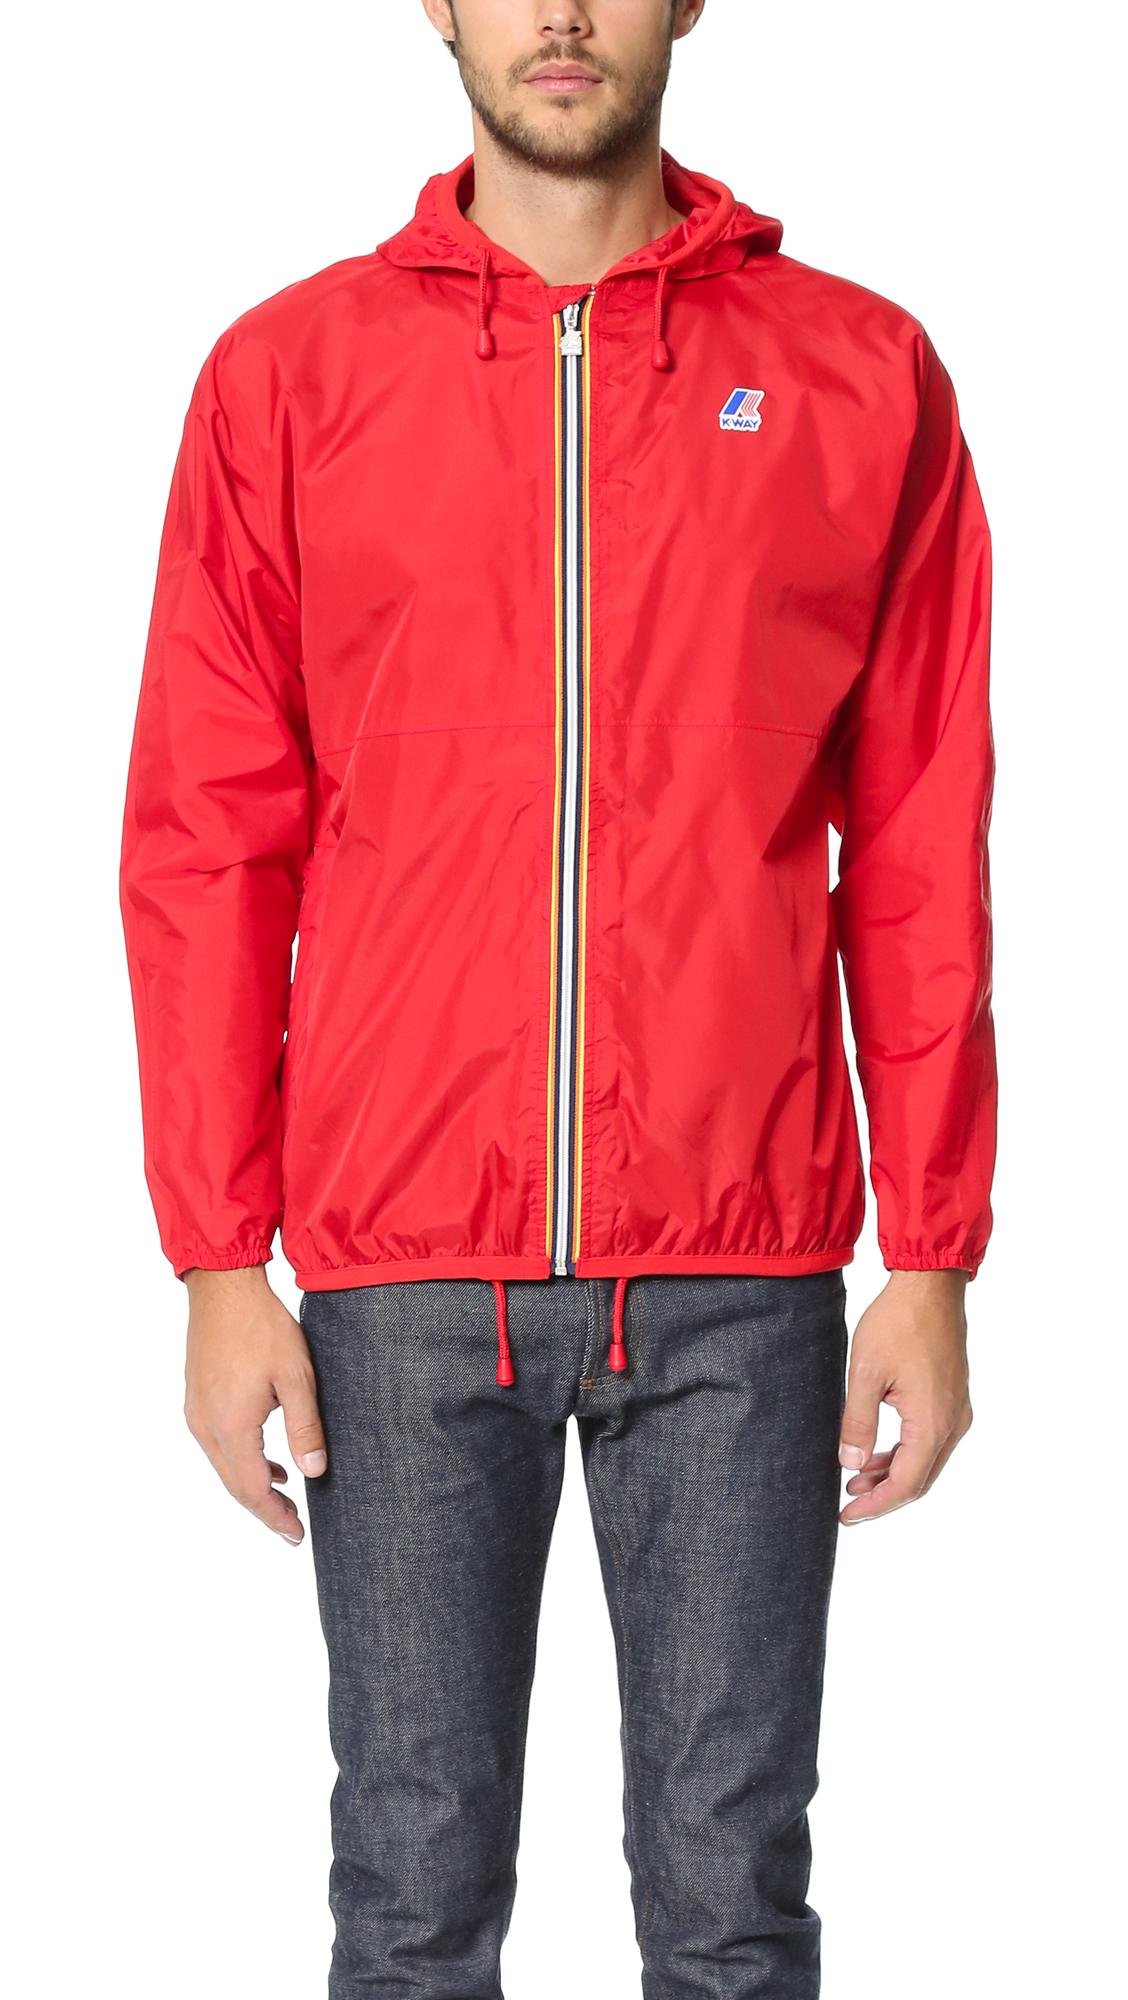 k way claude klassic jacket in red for men lyst. Black Bedroom Furniture Sets. Home Design Ideas